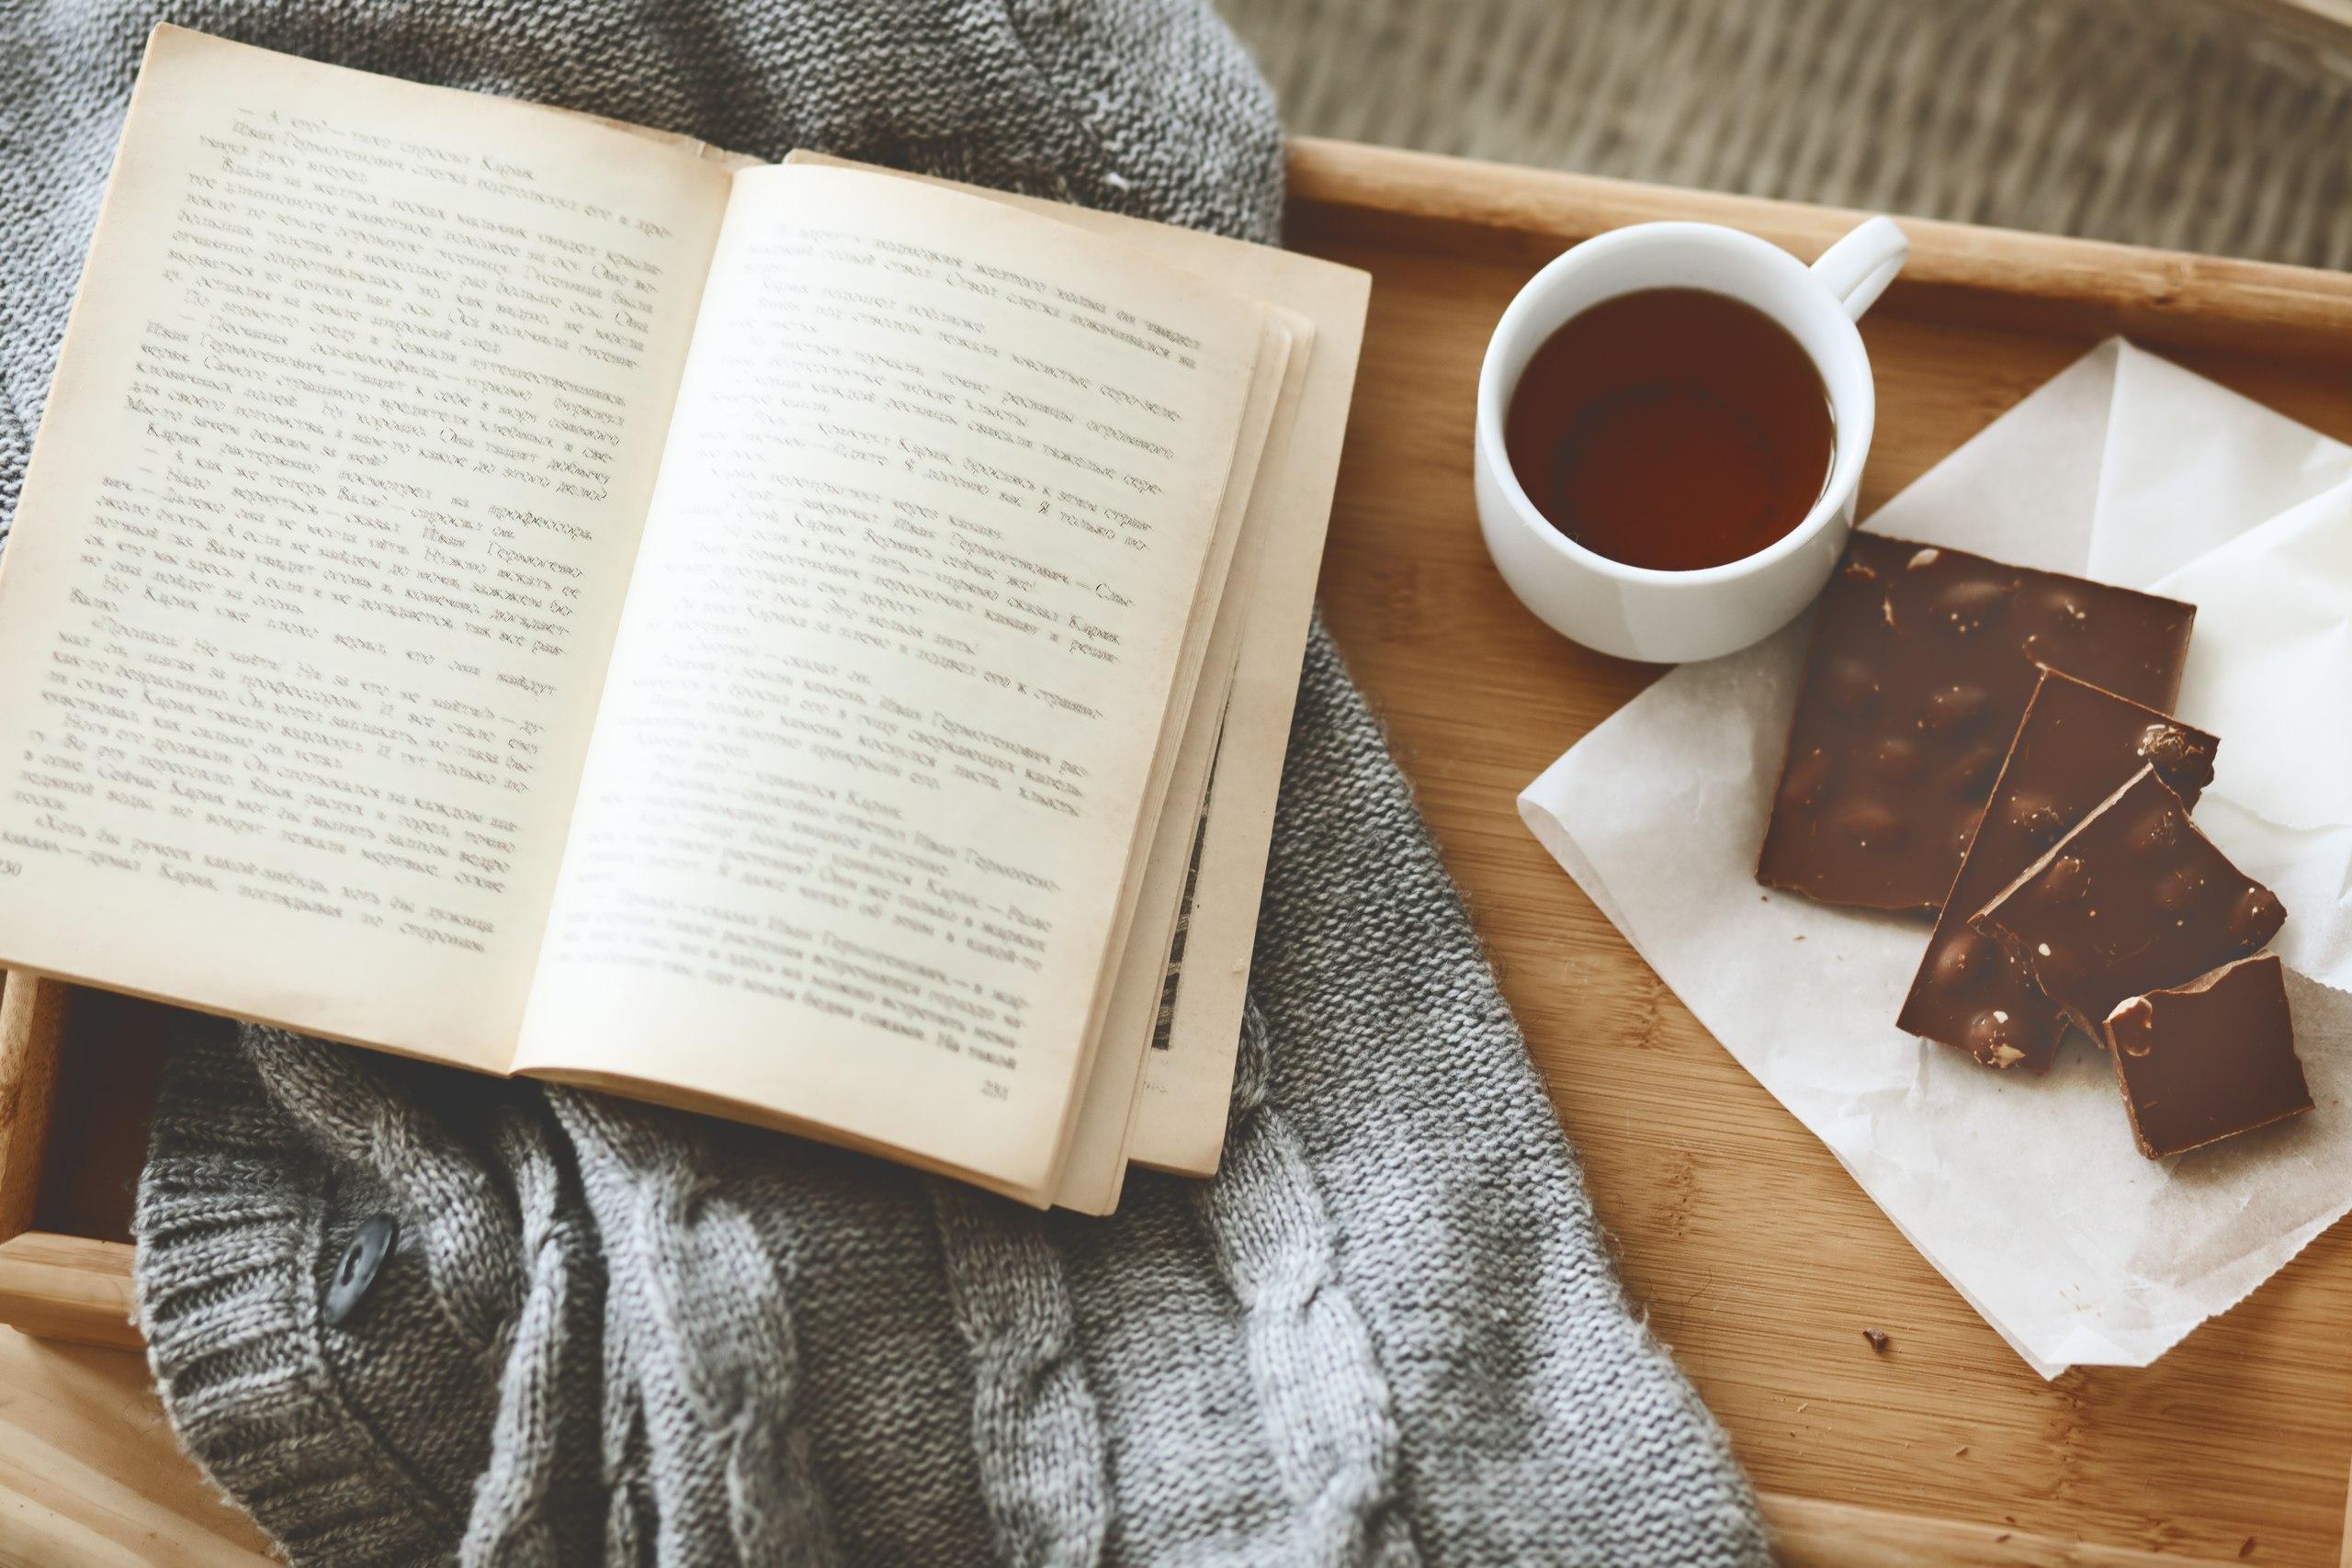 фото с книгой и чаем булатов один